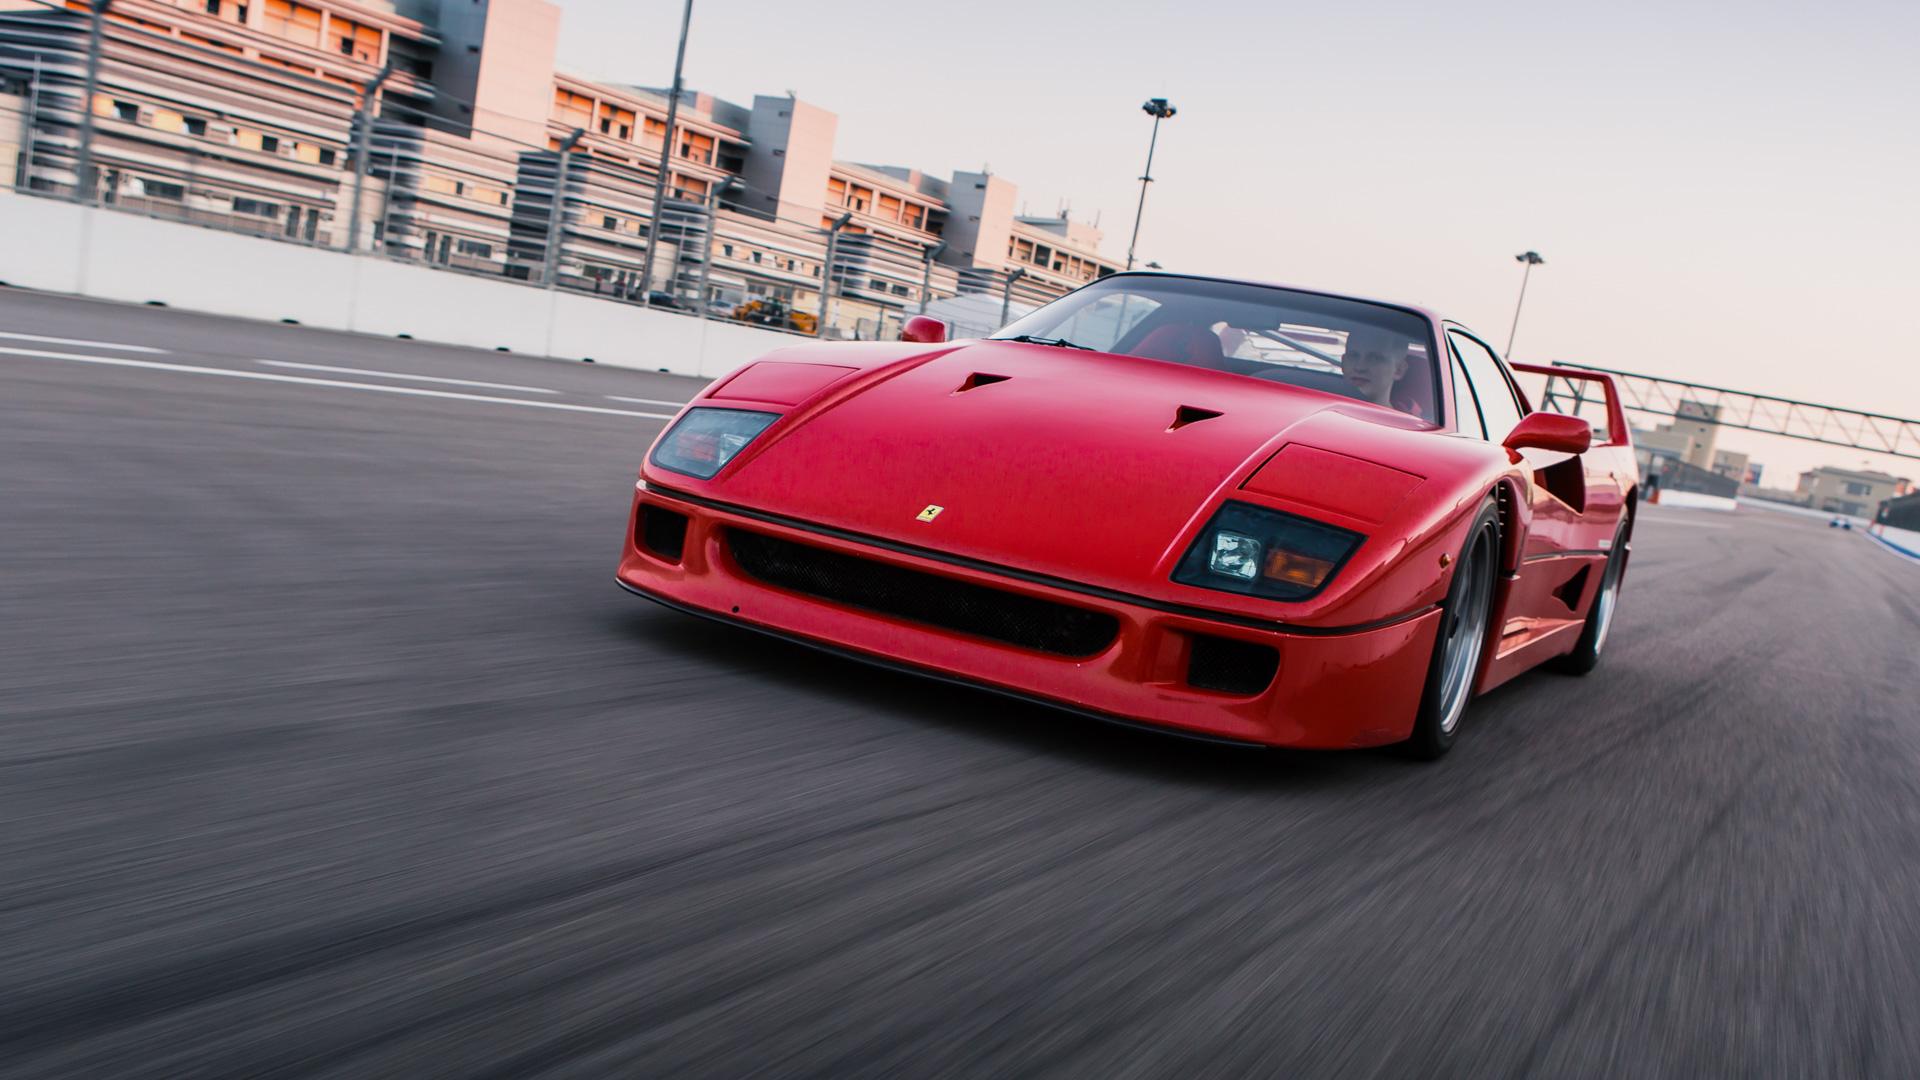 Тест-драйв турбо-Ferrari прошлого инастоящего. Часть вторая: Ferrari F40. Фото 6